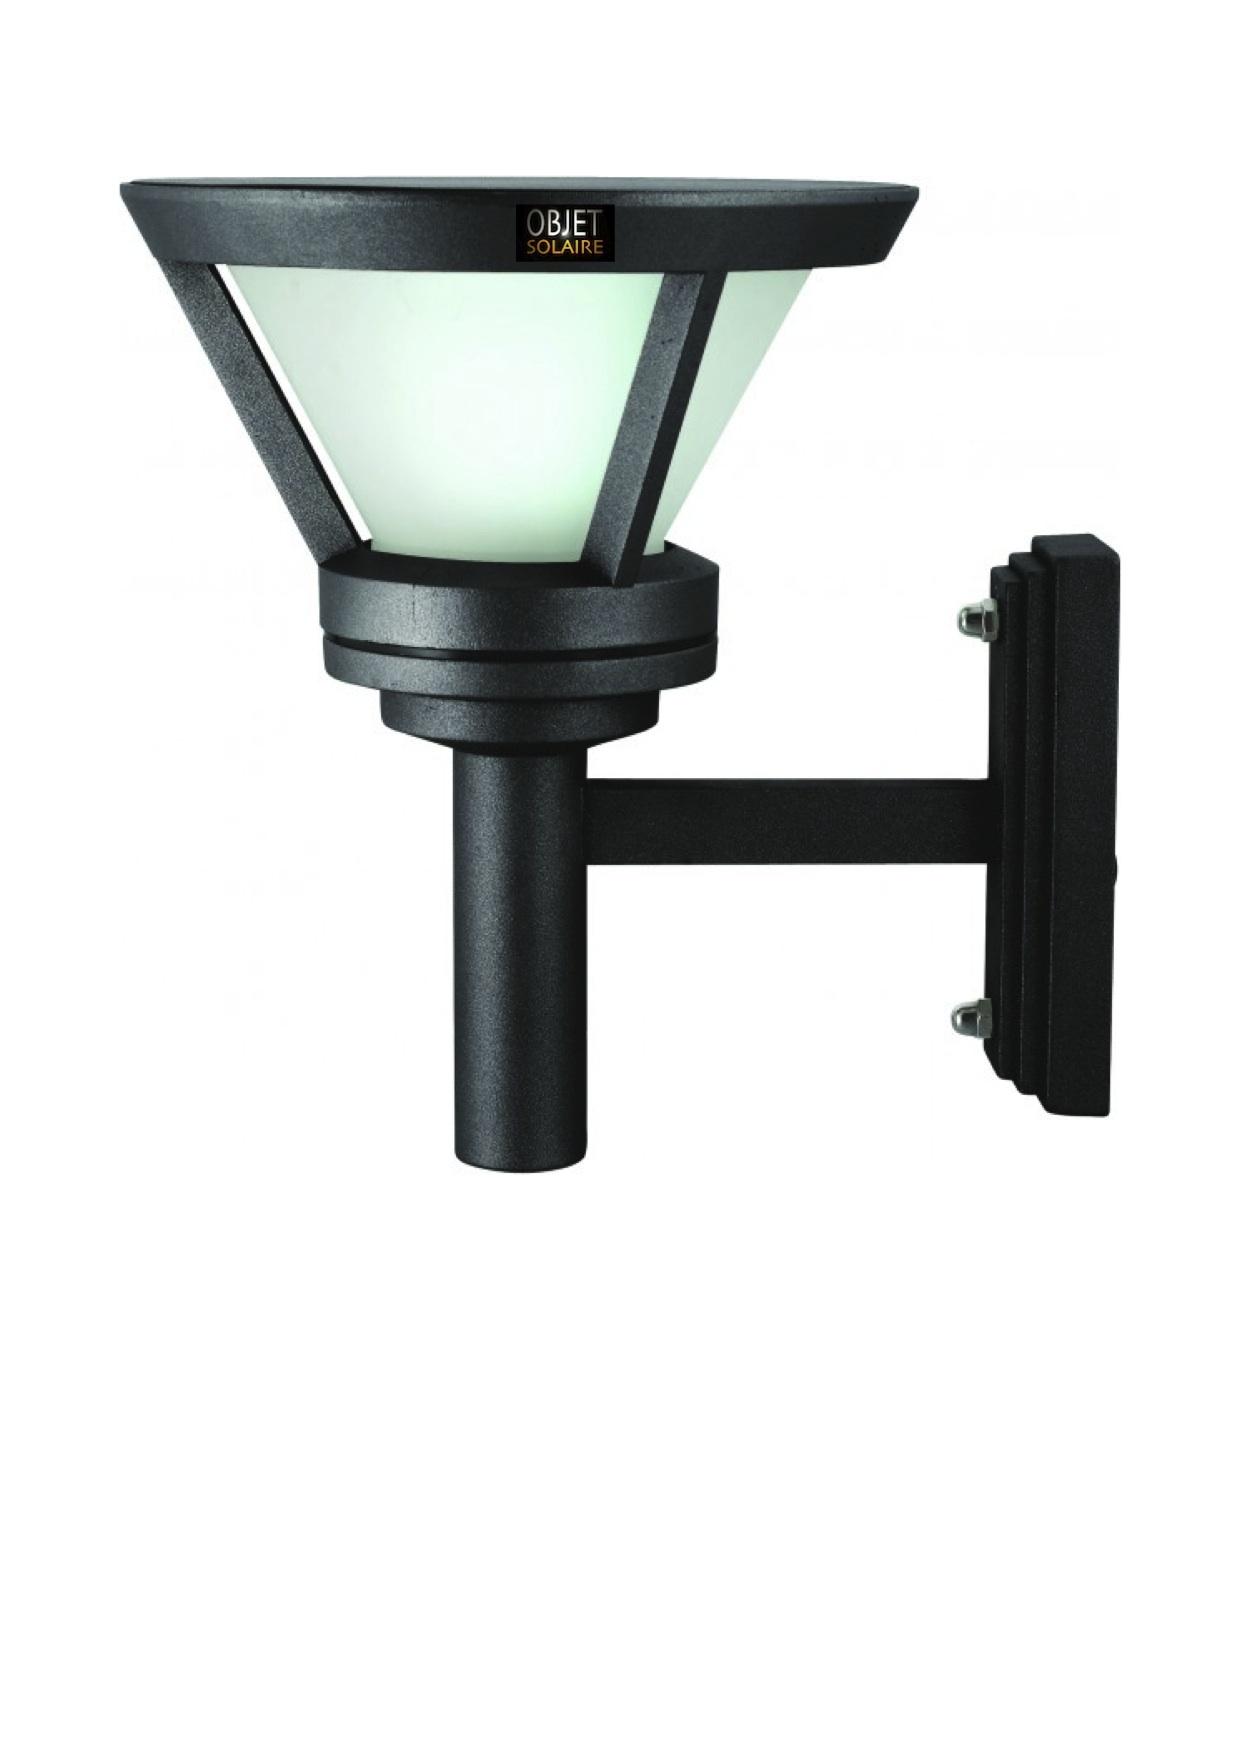 Applique Solaire Puissante Bt1 323 Lumens Eclairage Solaire